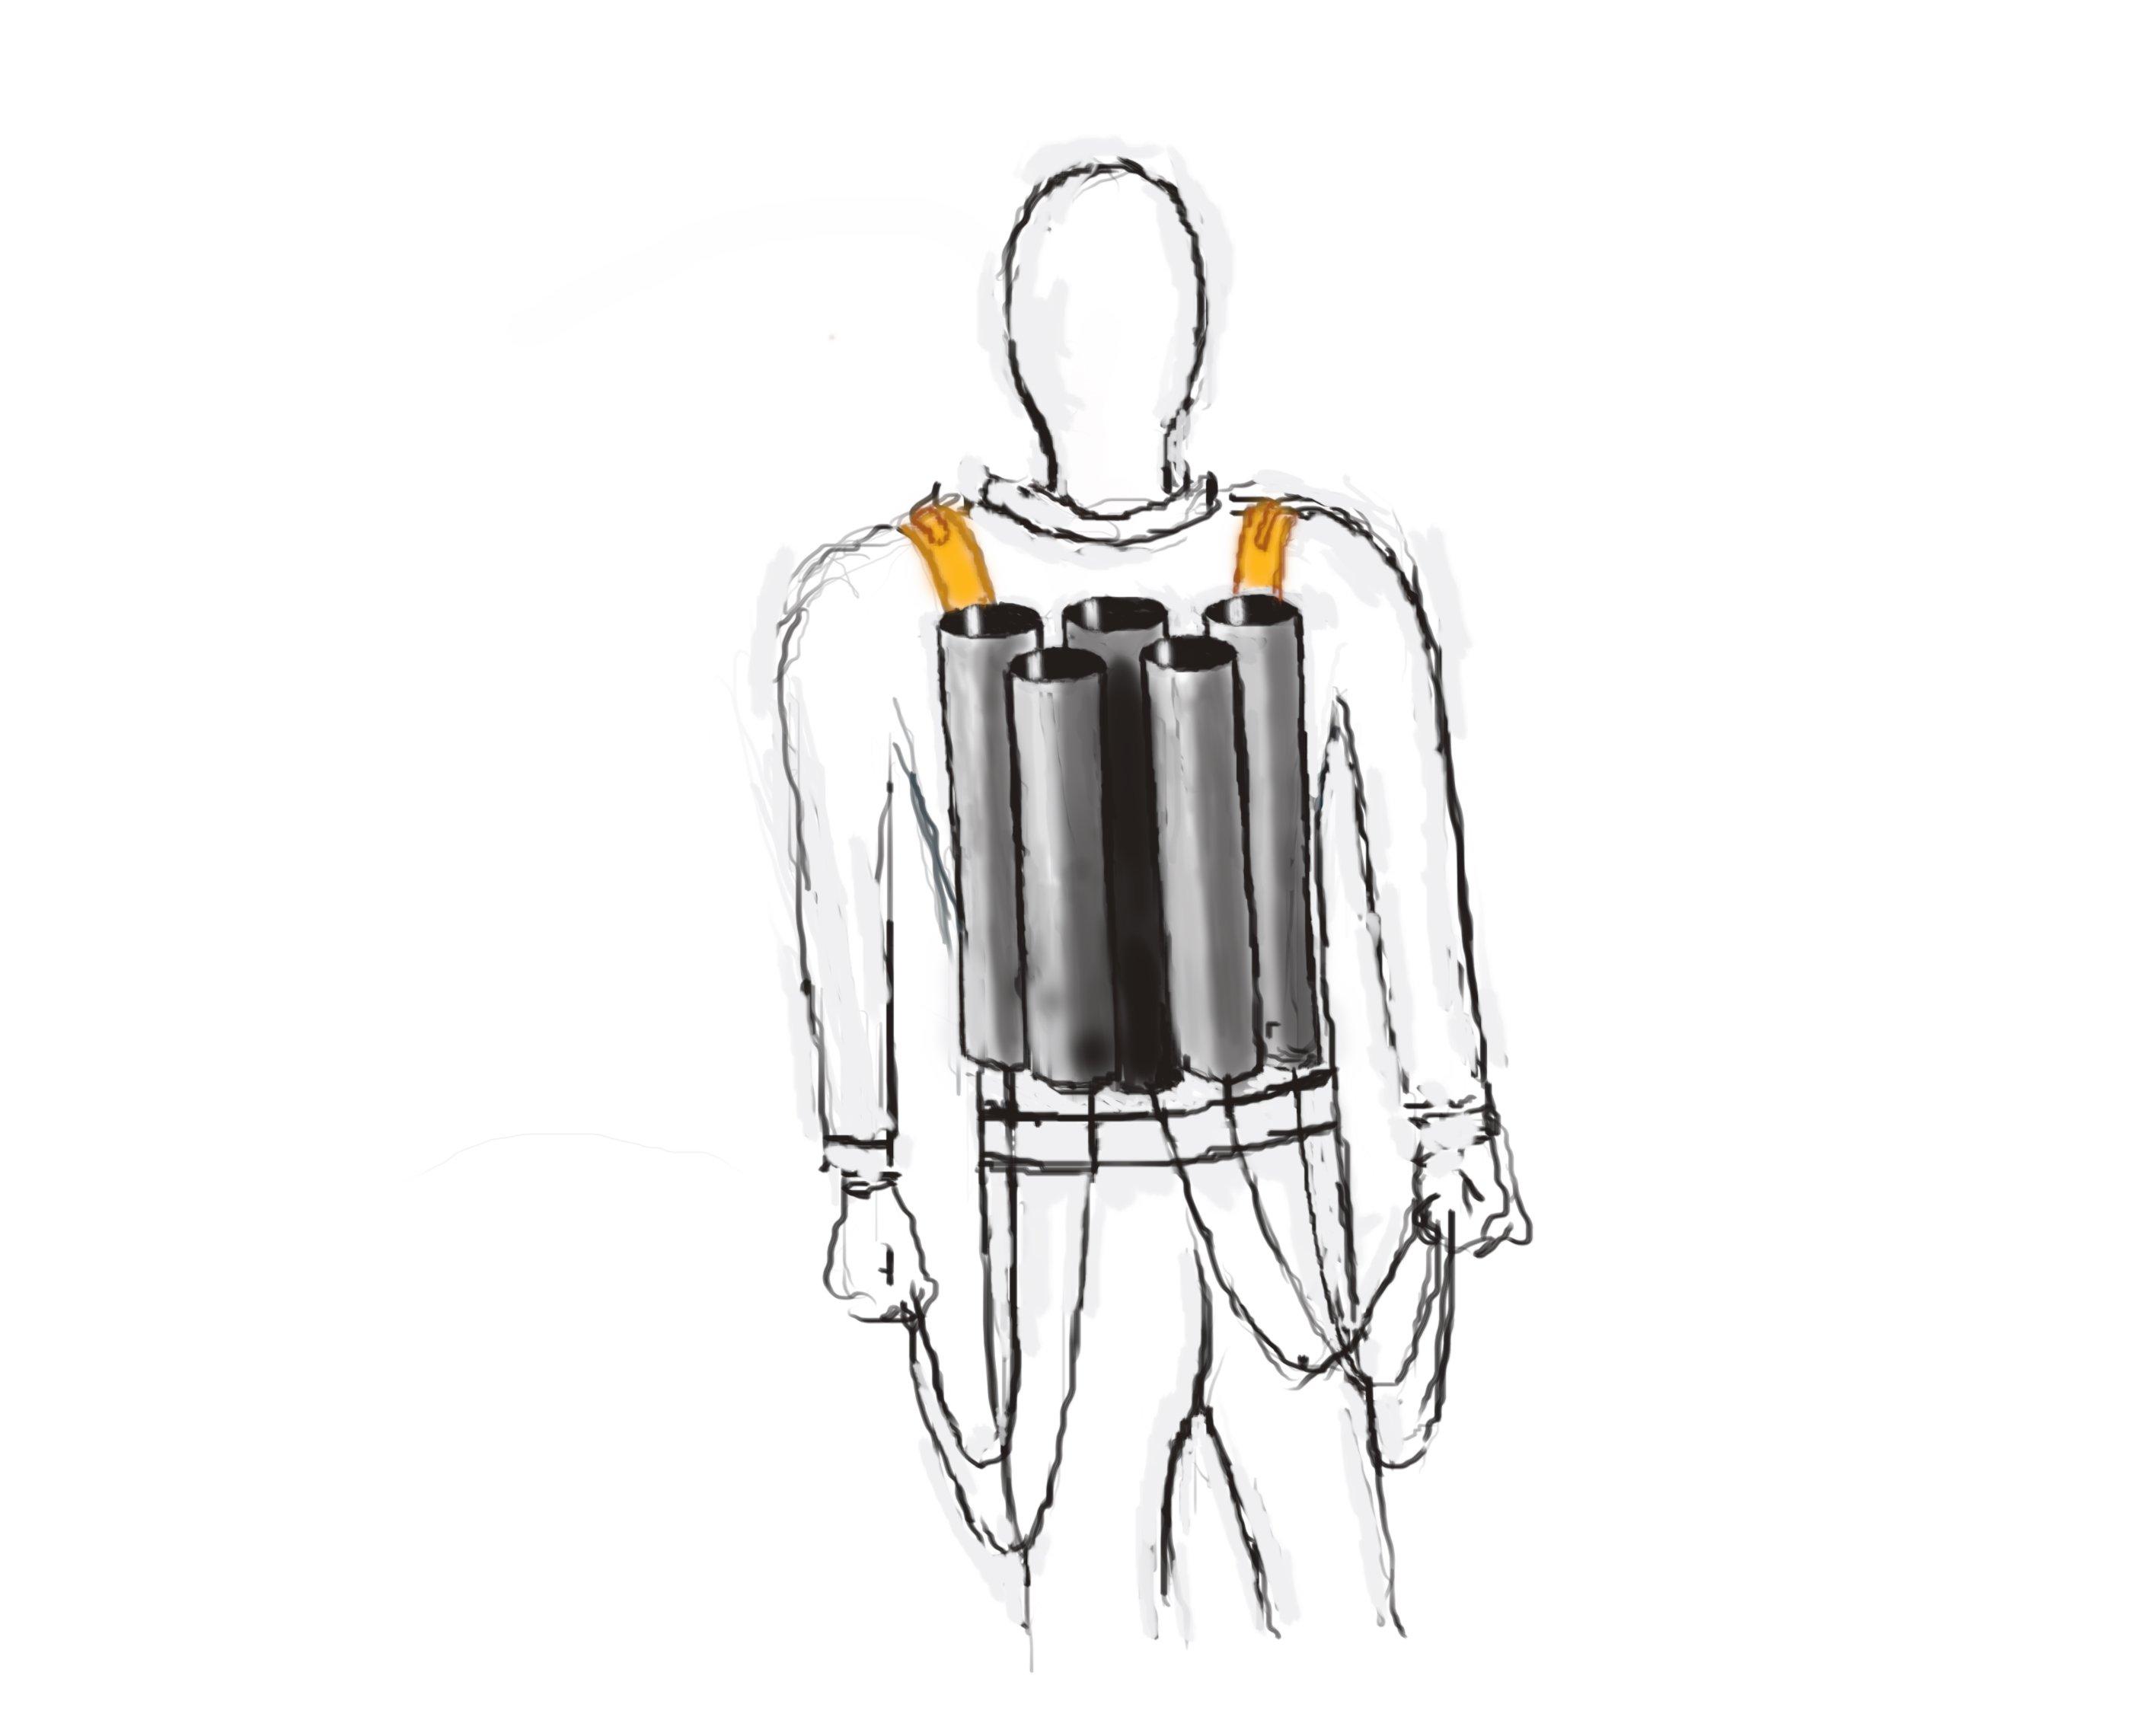 Миномётная установка за спиной - Изображение 1